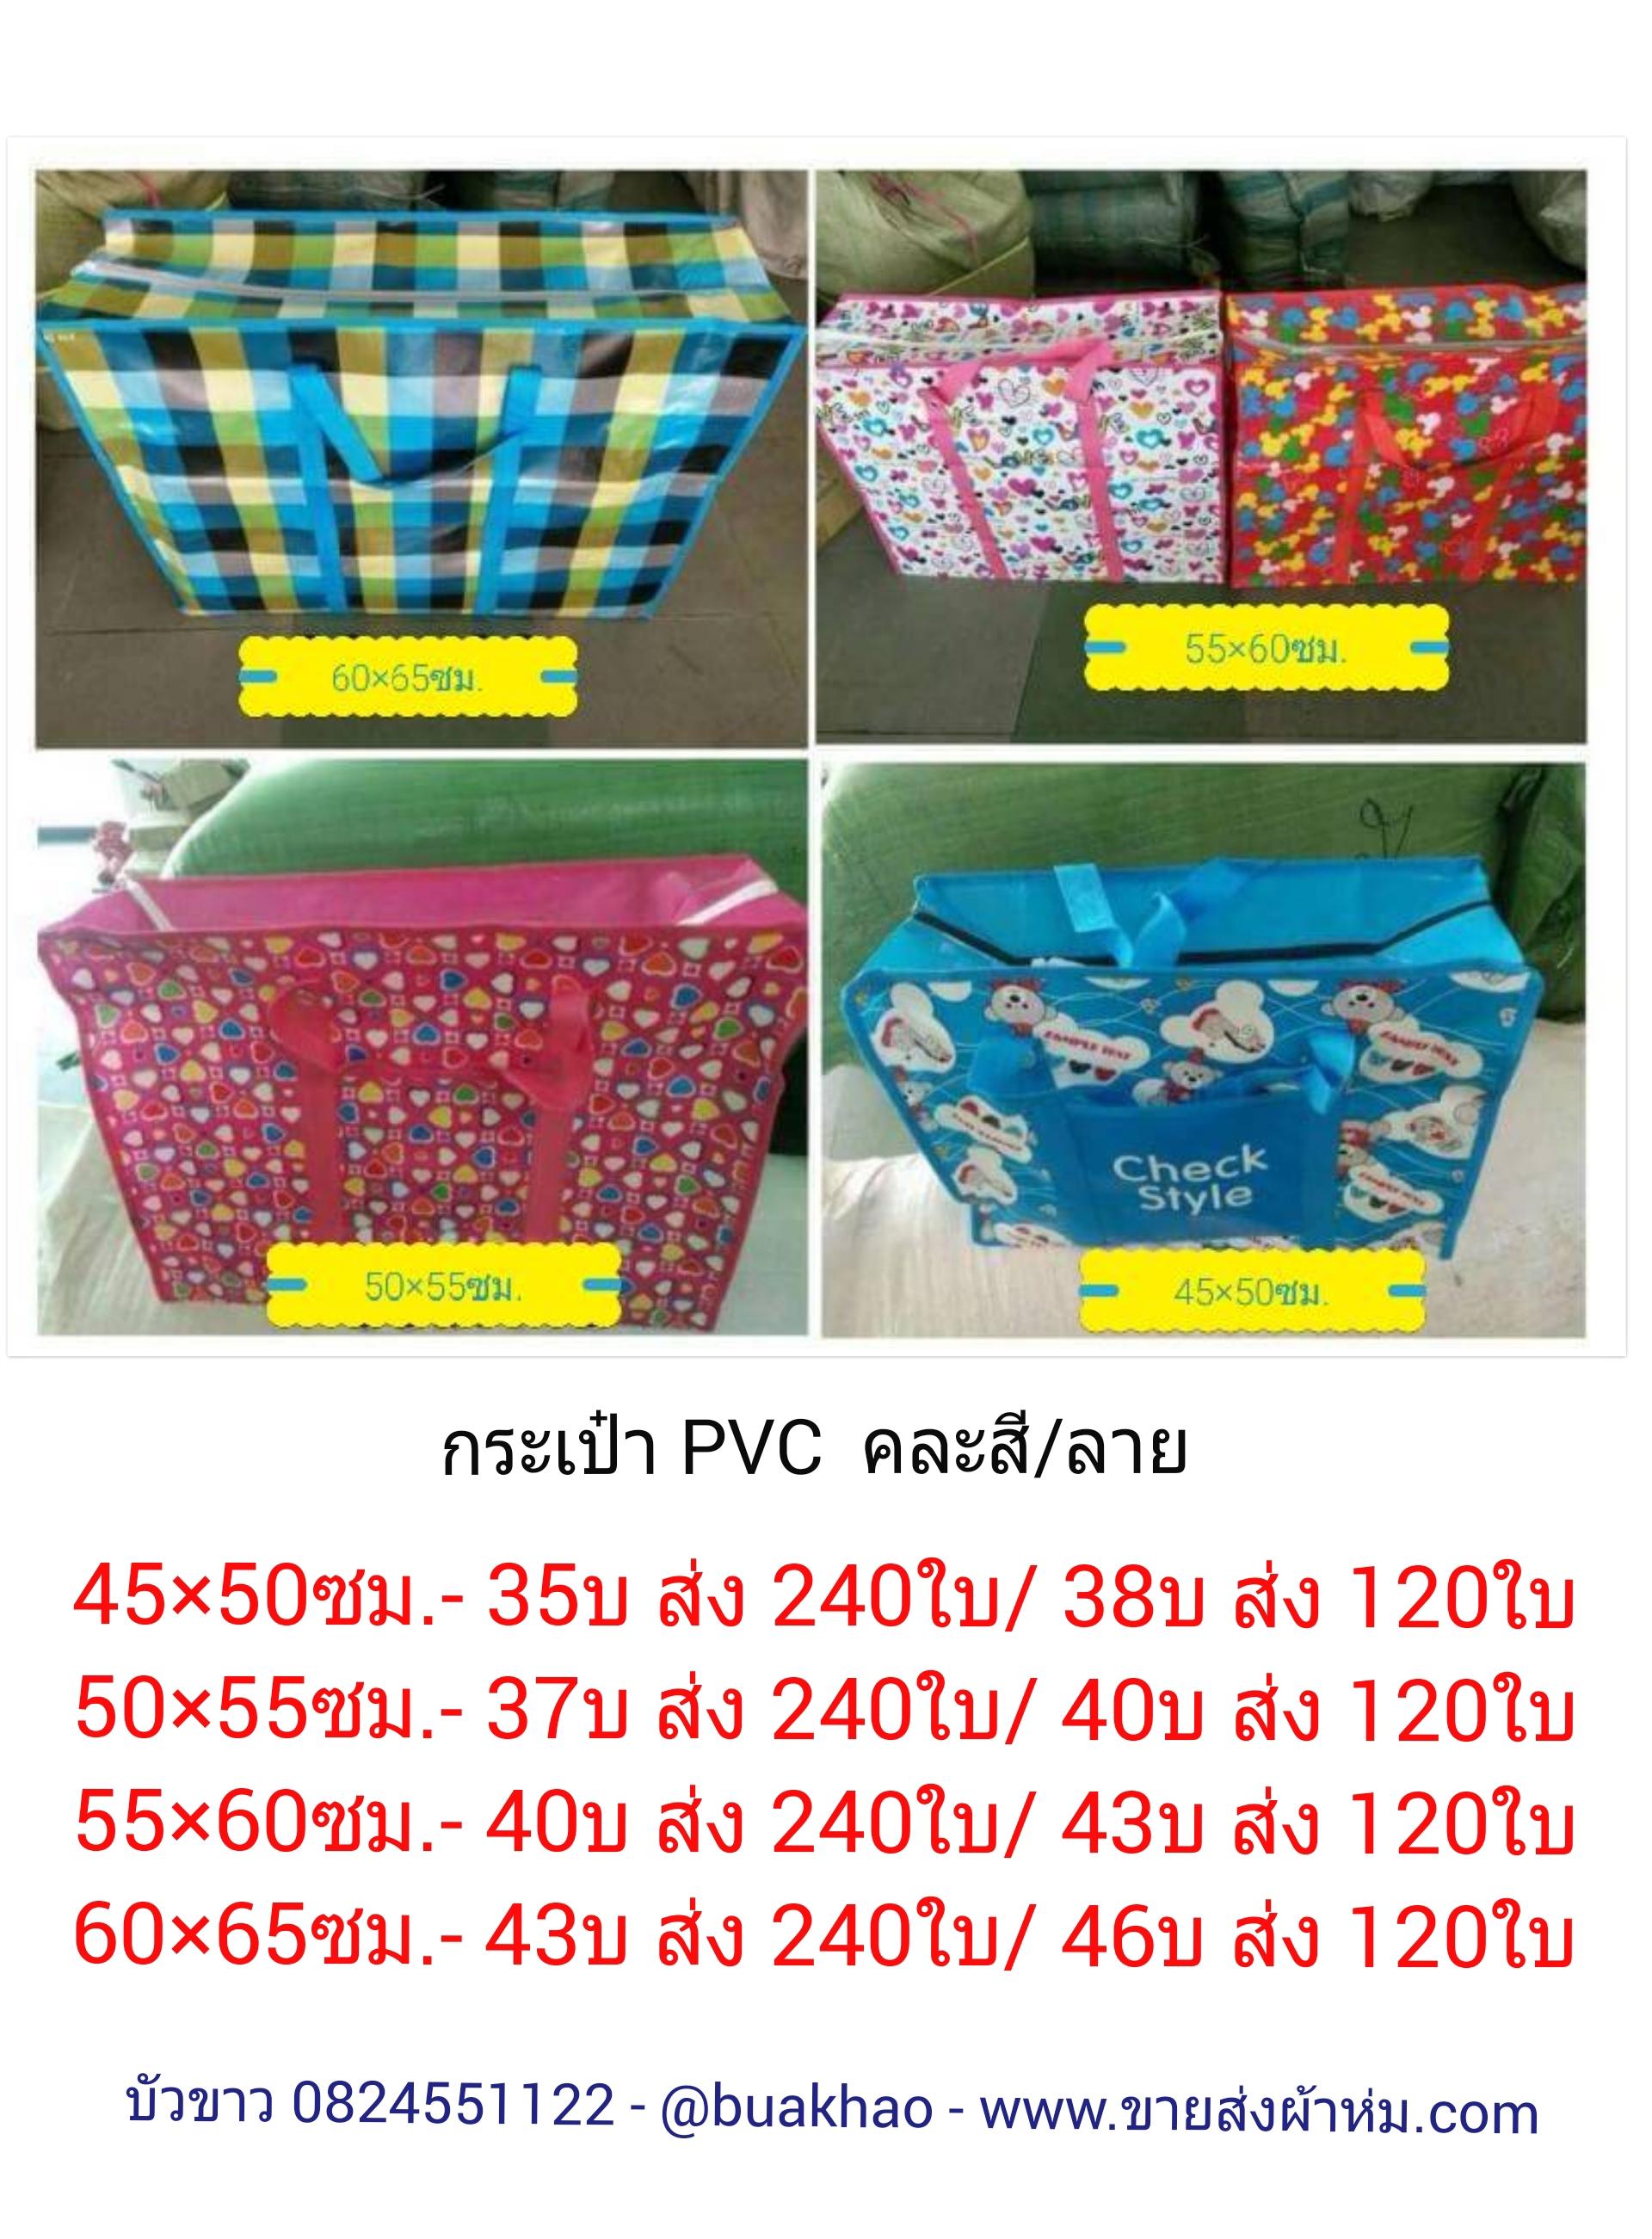 กระเป๋า PVC 50*55ซม ใบละ 40บ ส่ง 120ใบ